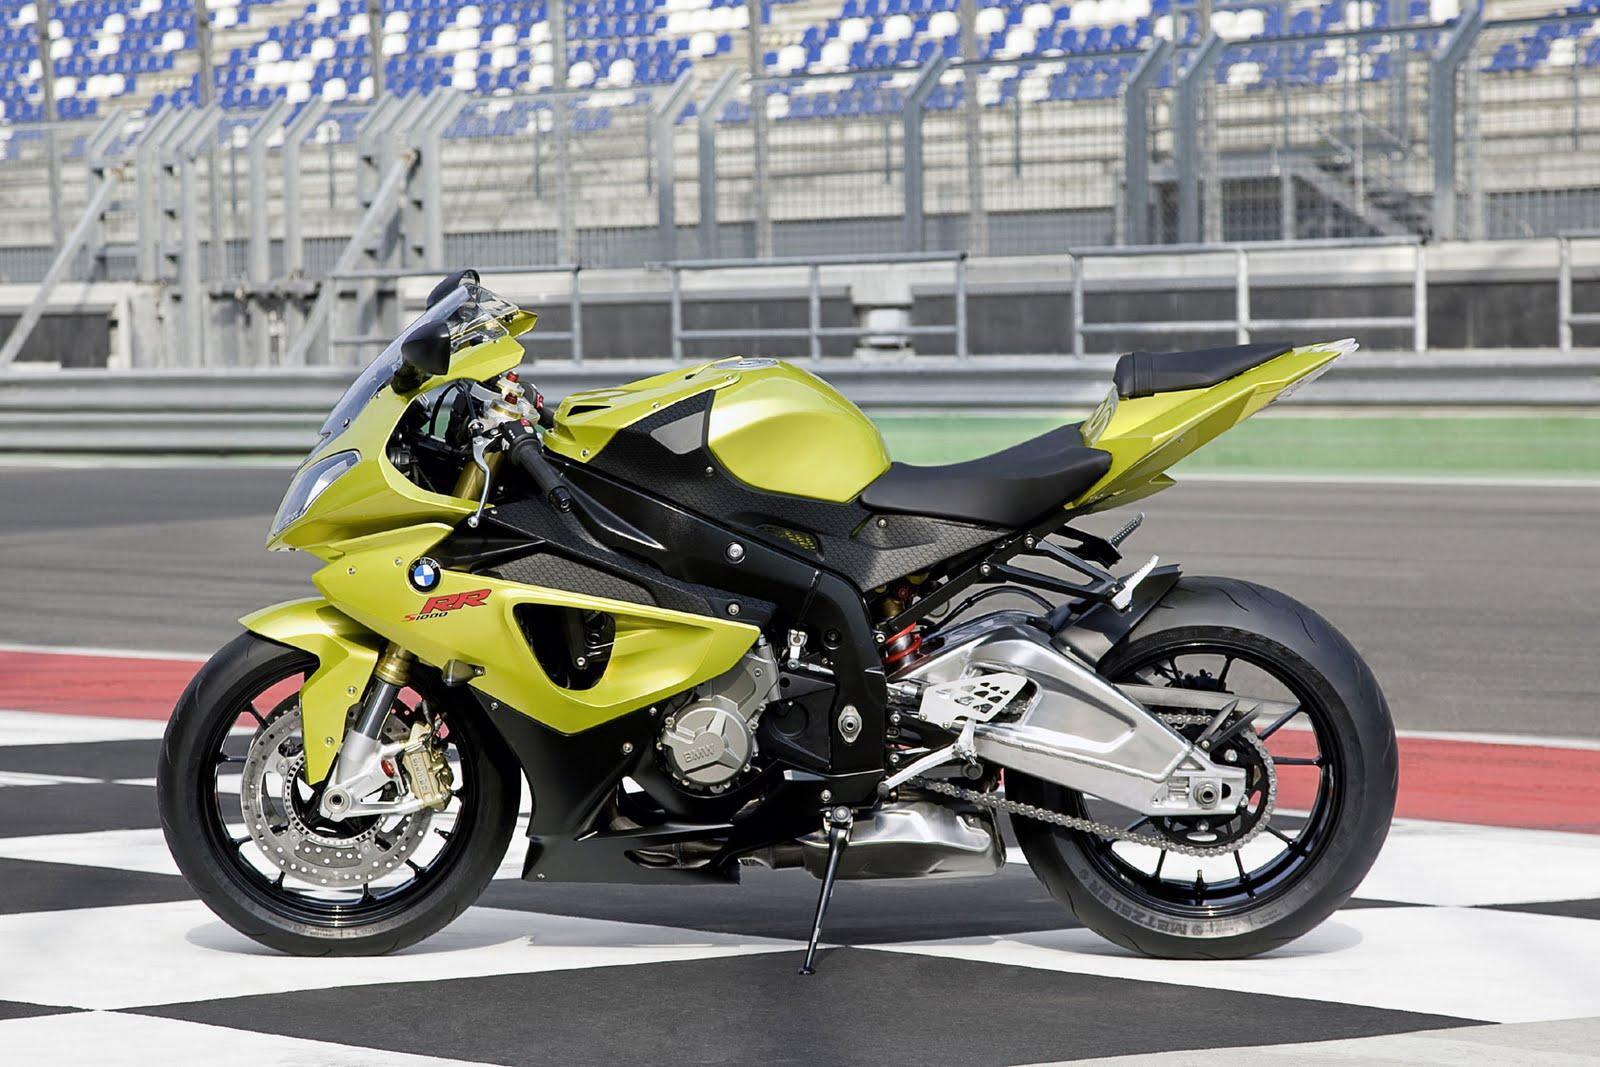 http://3.bp.blogspot.com/-wnHRD5PLPI0/Tkcj-M2sNCI/AAAAAAAAKV8/VL-Kumuh6x8/s1600/BMW+S+1000RR+Wallpapers+%25287%2529.jpg